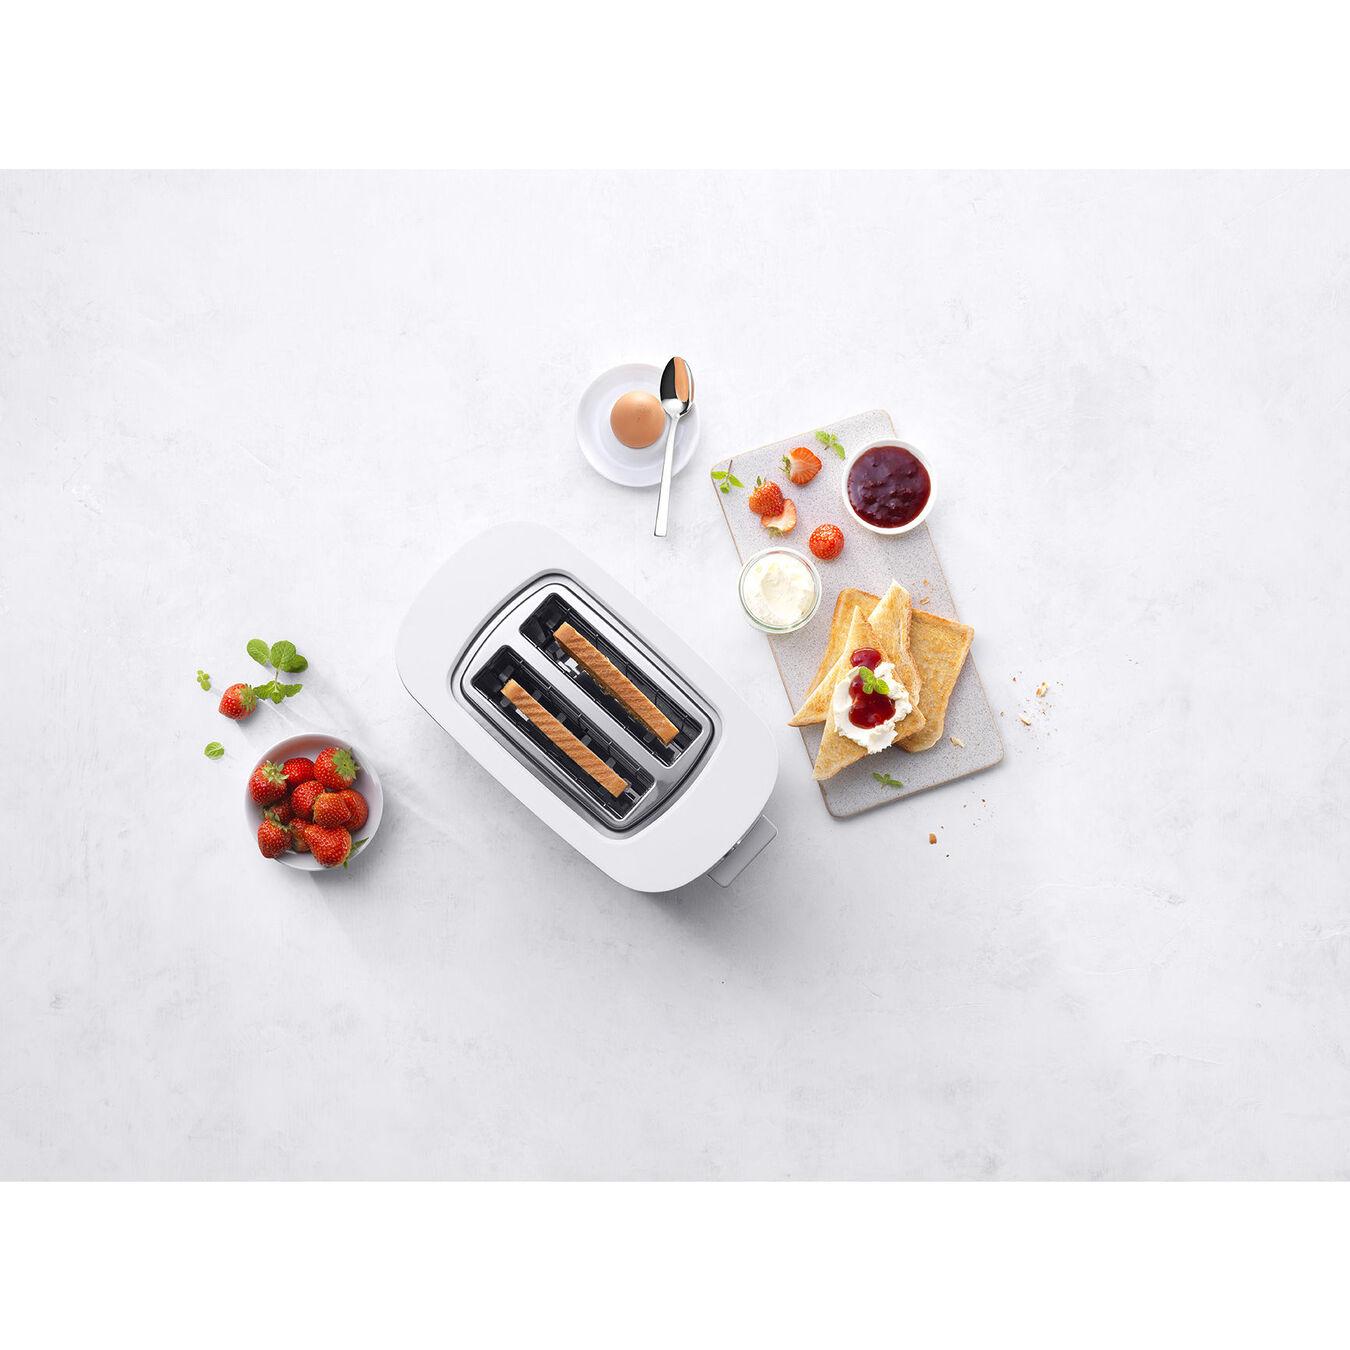 Ekmek Kızartma Makinesi çörek ısıtıcılı | 2 yuva 2 dilim,,large 4